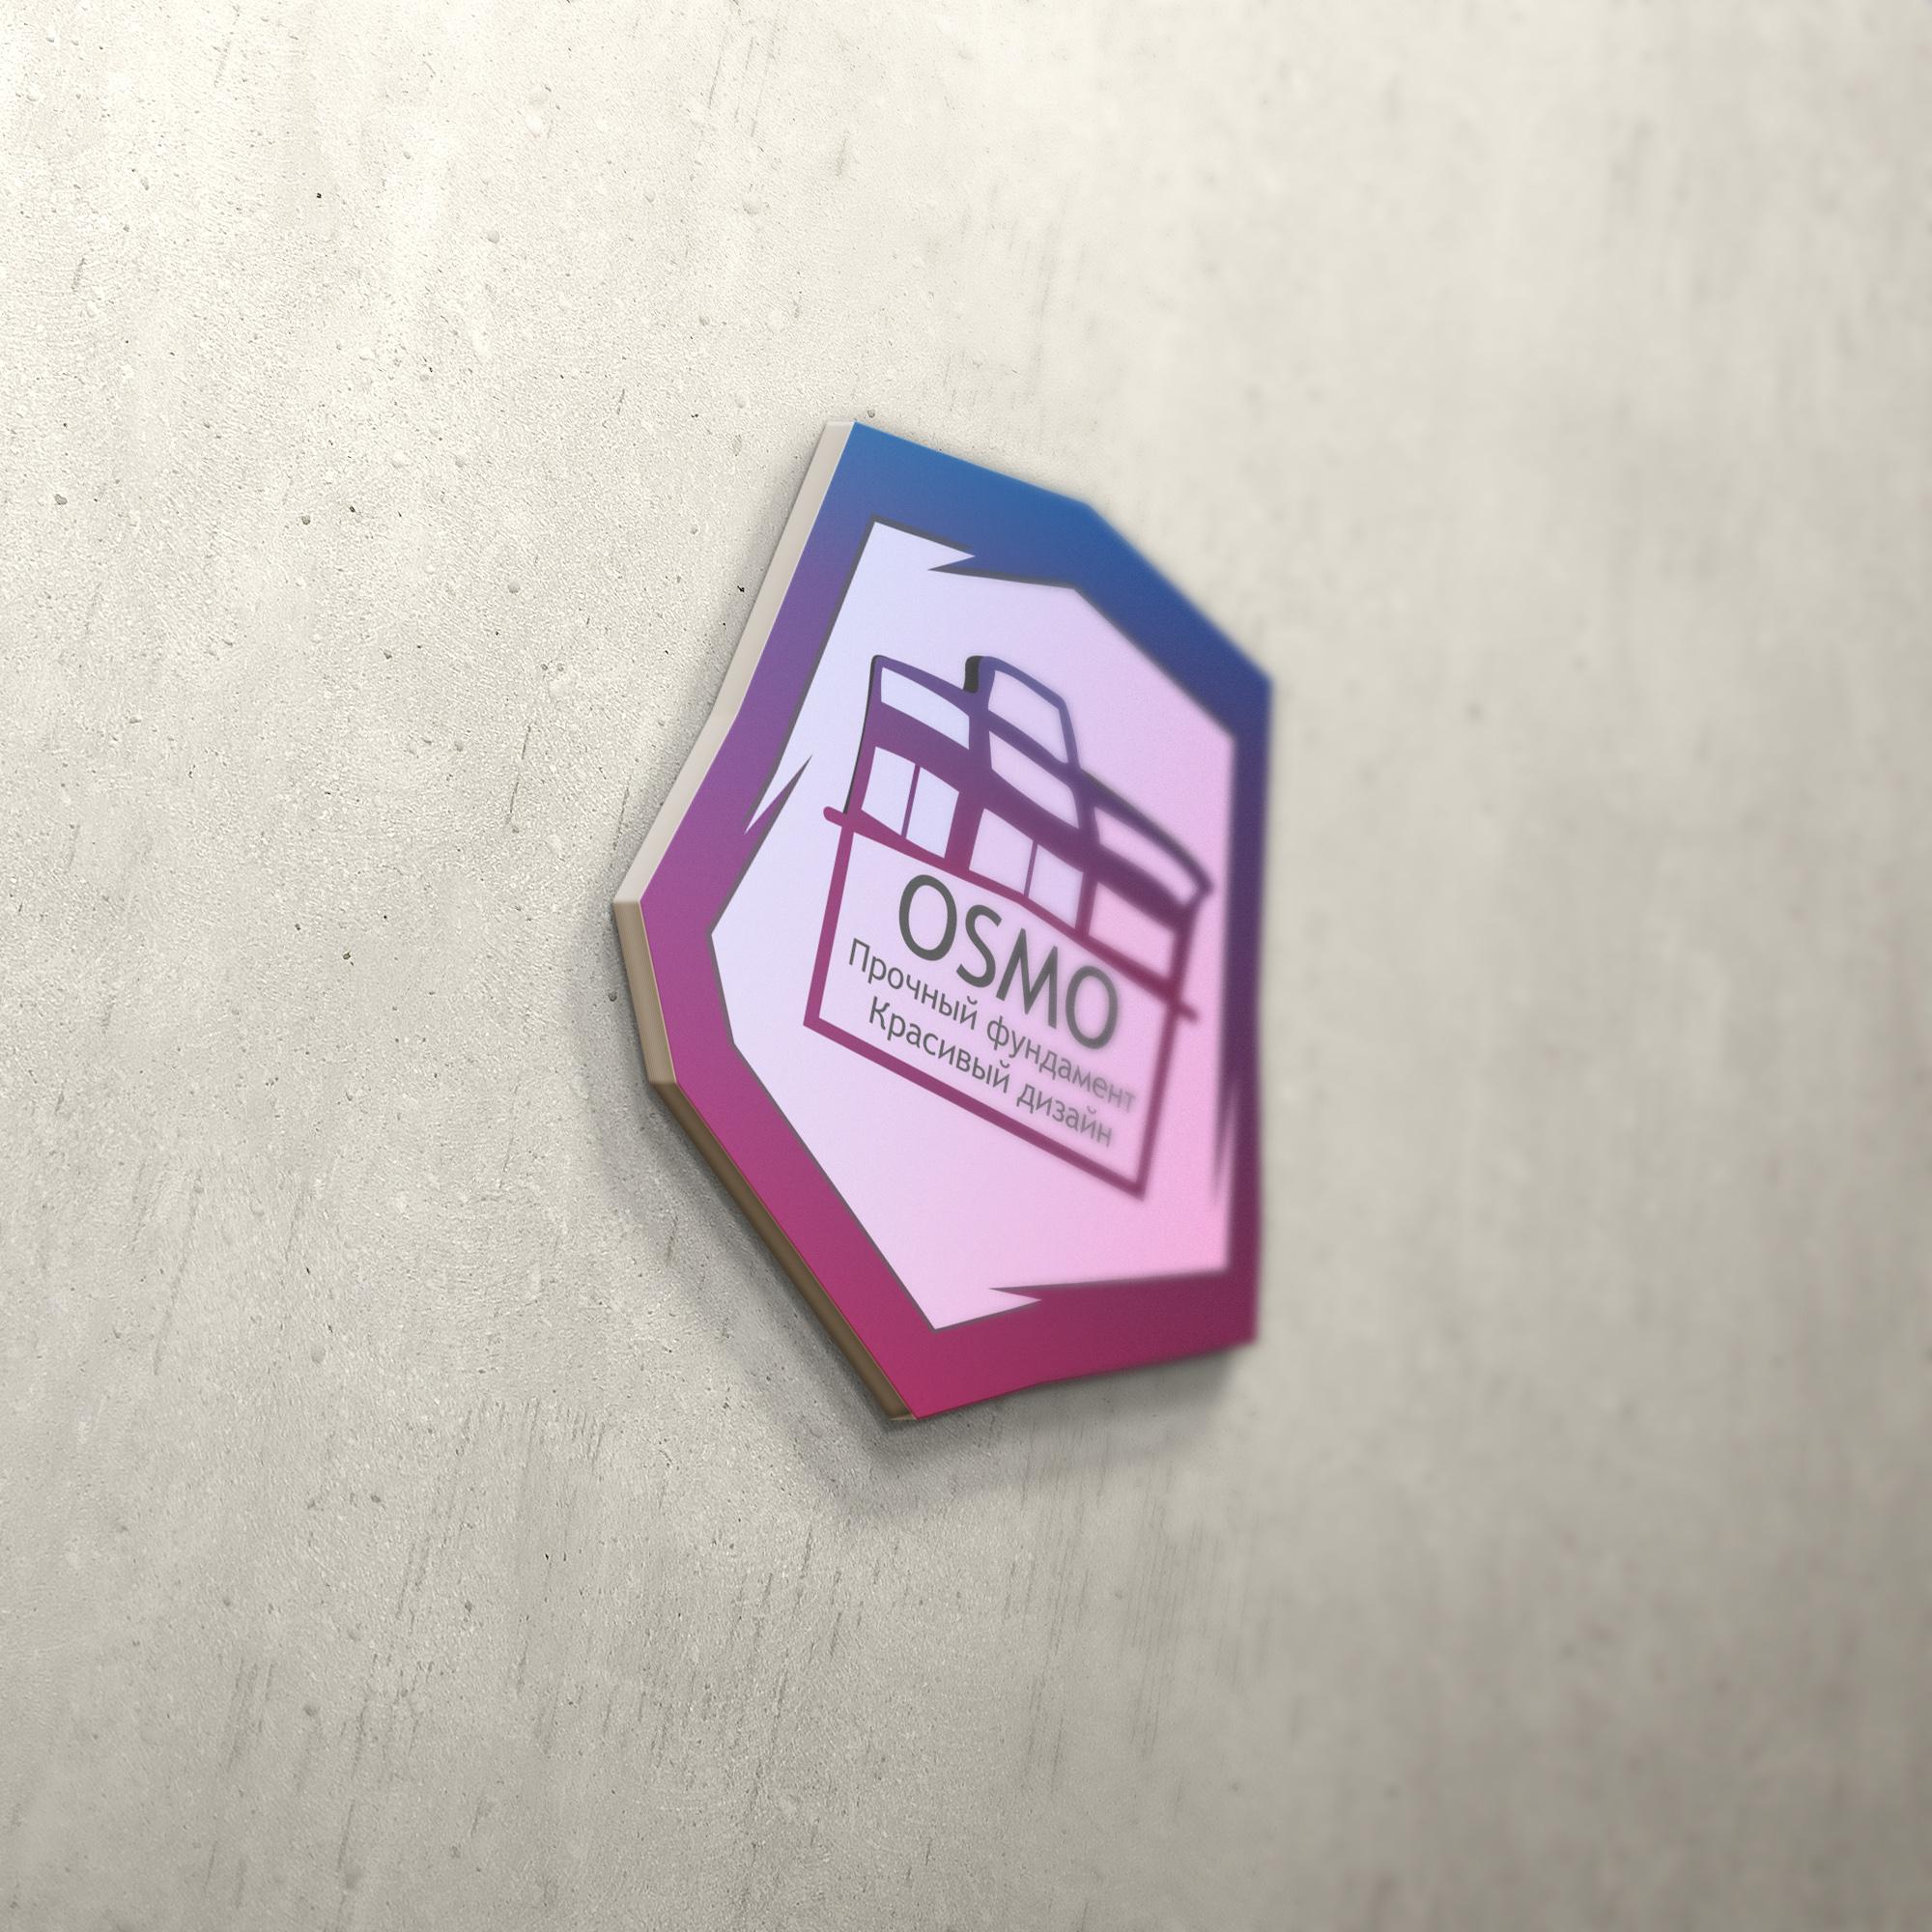 Создание логотипа для строительной компании OSMO group  фото f_82059b54394eb52d.jpg